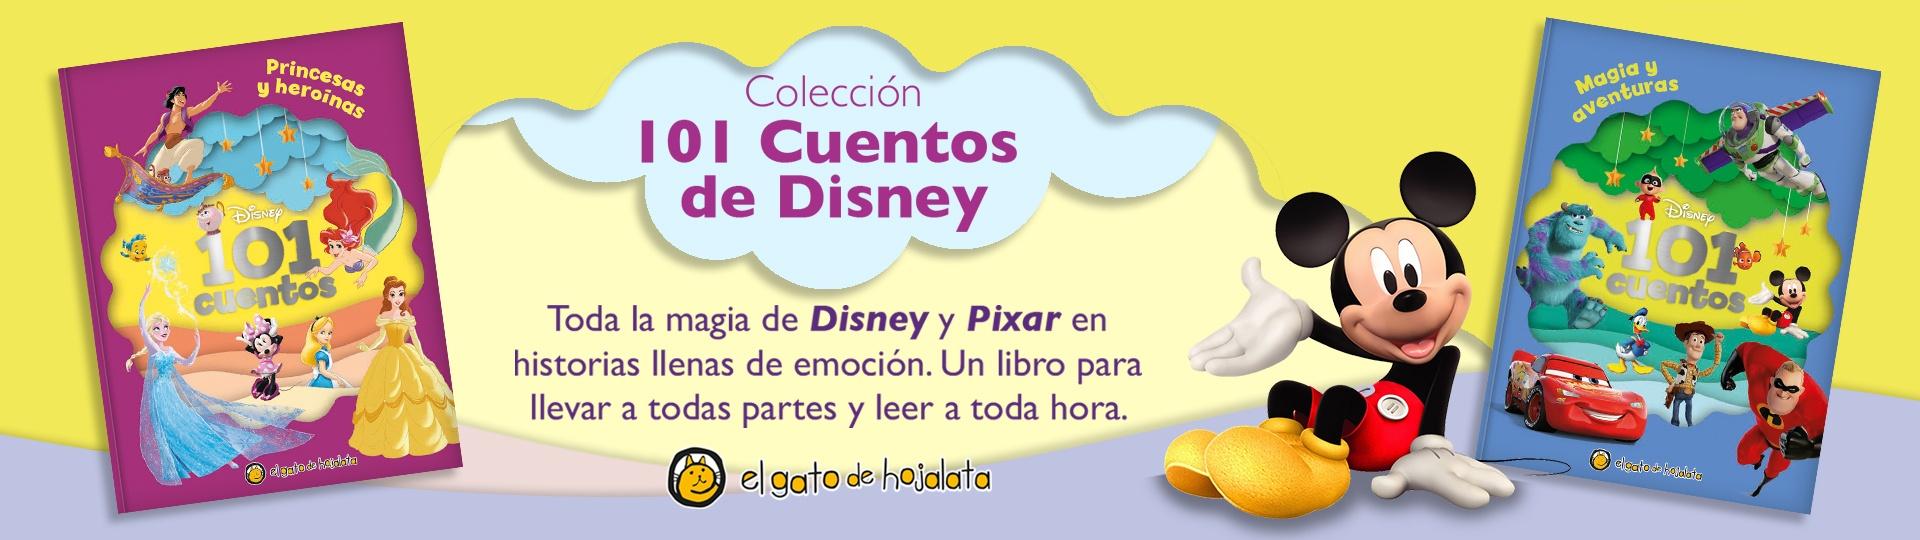 101_CUENTOS_DISNEY_WEB_1920X540